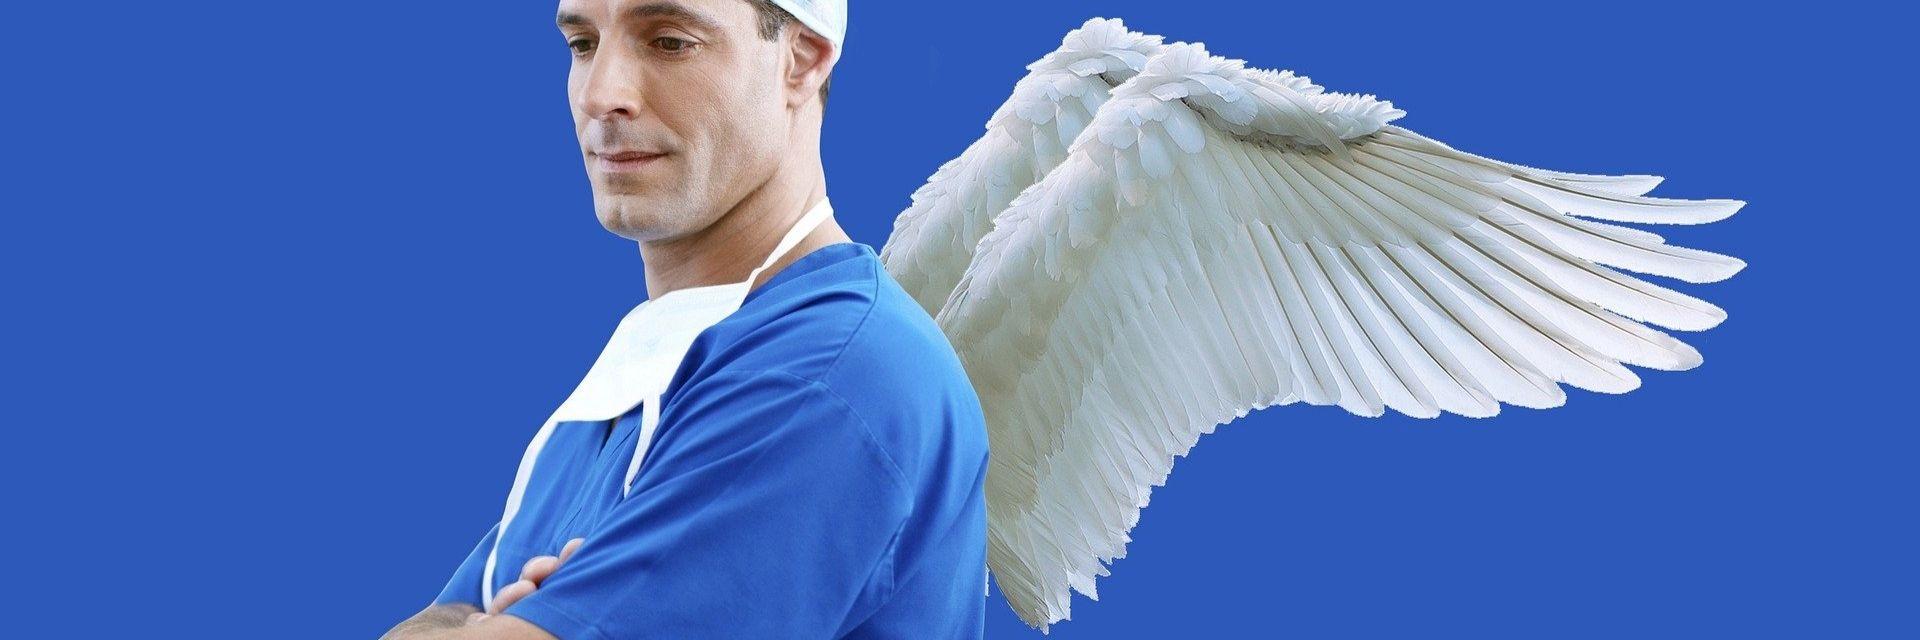 Pflegekräfte: Keine Engel sondern Profis: Pflegekräfte werden unterschätzt!